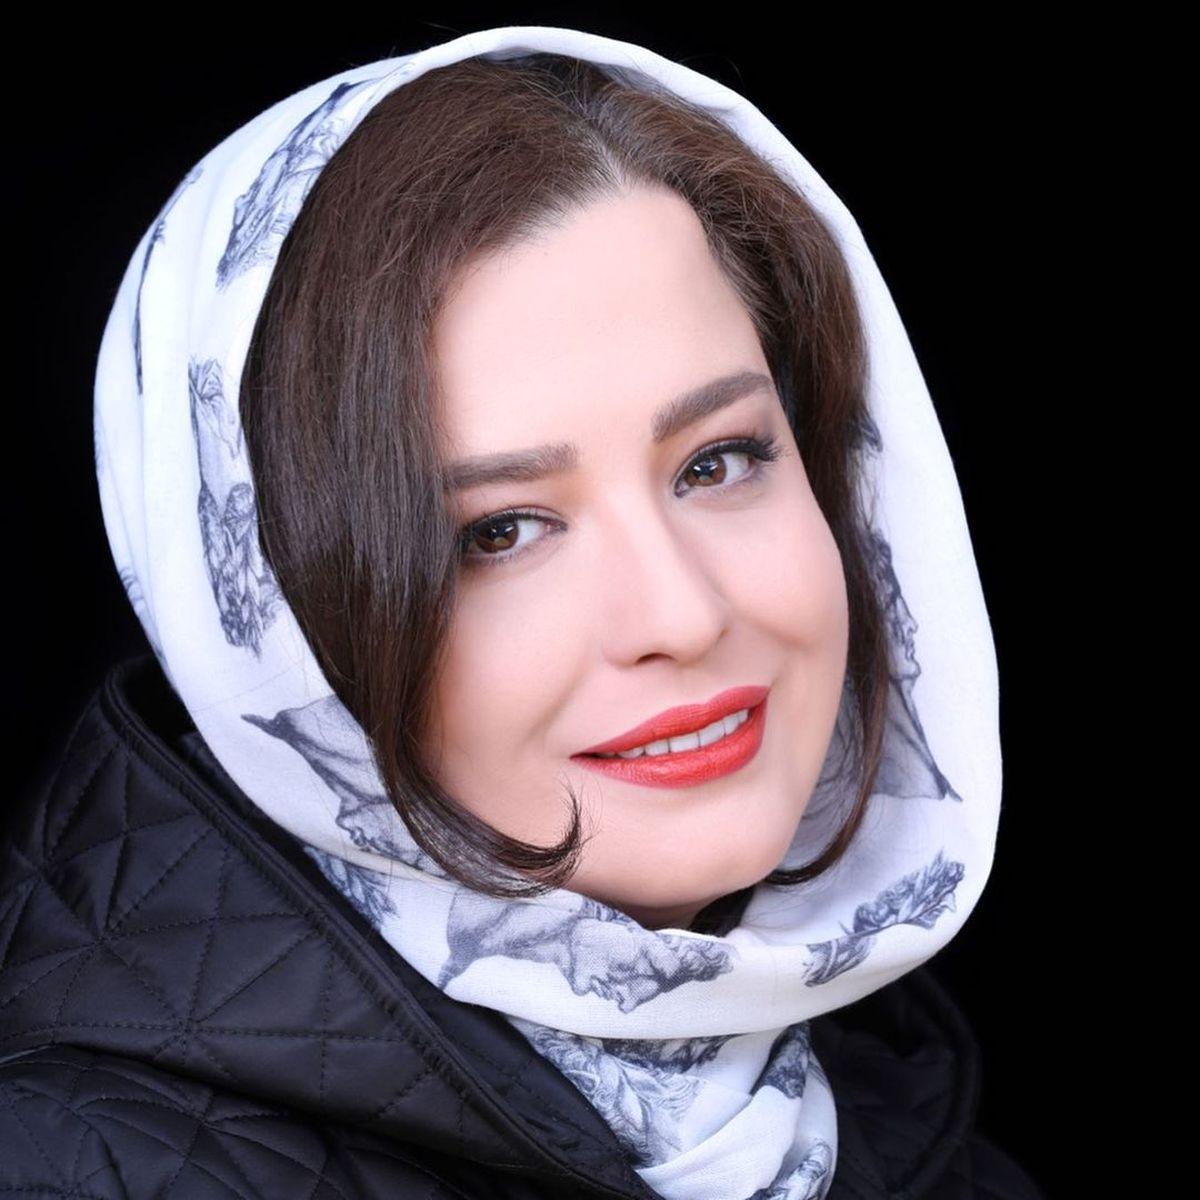 بمب خبری مهراوه شریفی نیا با زن سابق شریفی نیا   عکسهای مهراوه شریفی نیا